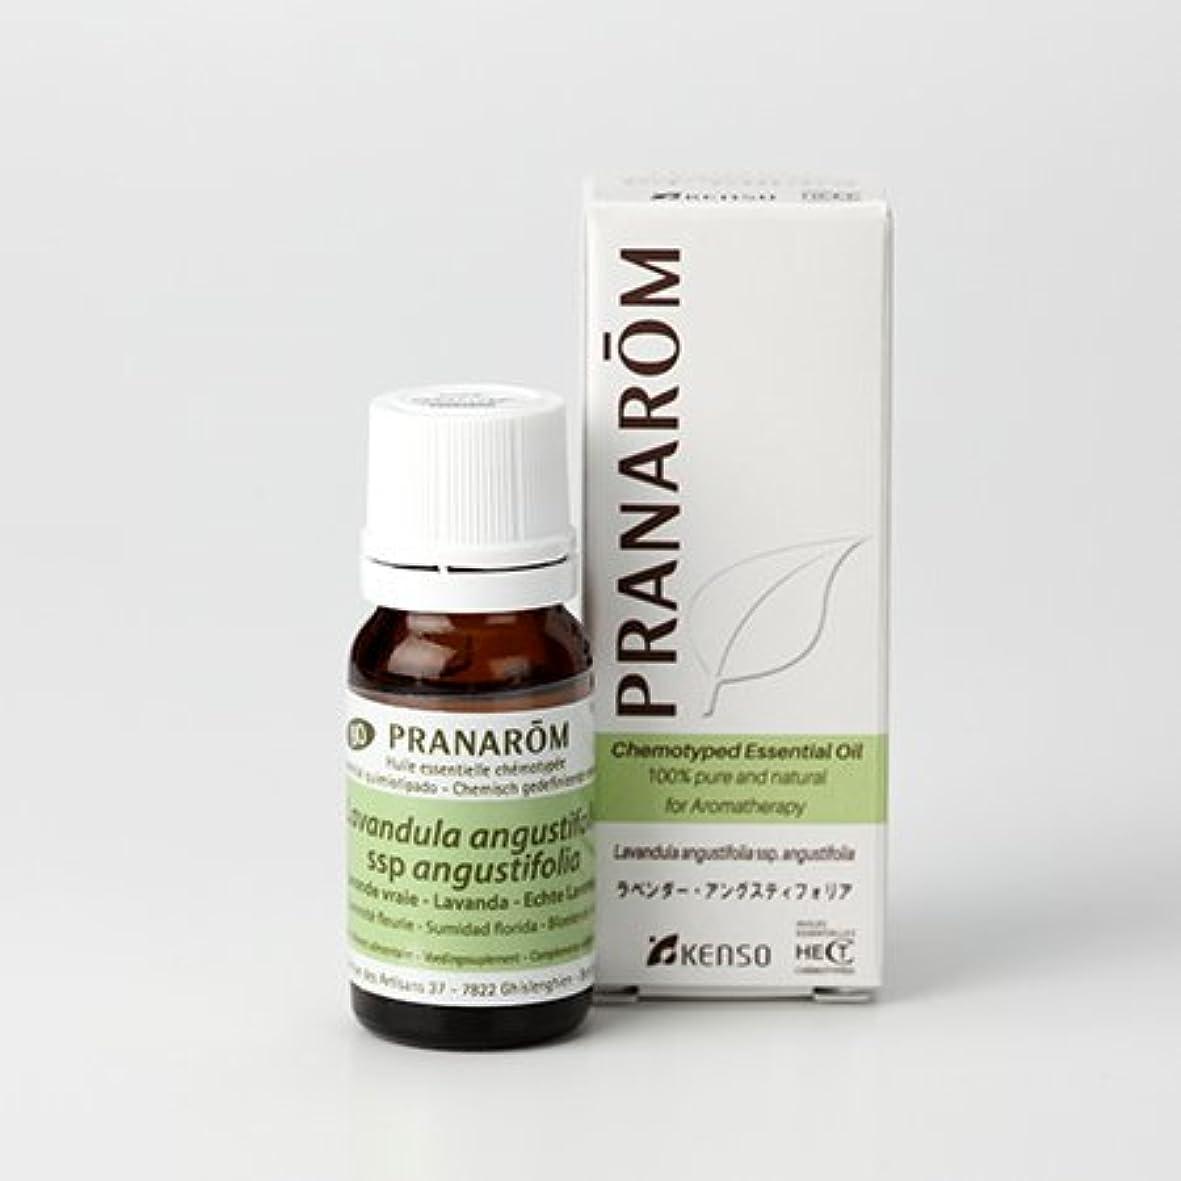 唇言語偽装するプラナロム精油(P-098 ラベンダーアングスティフォリア?10ml)